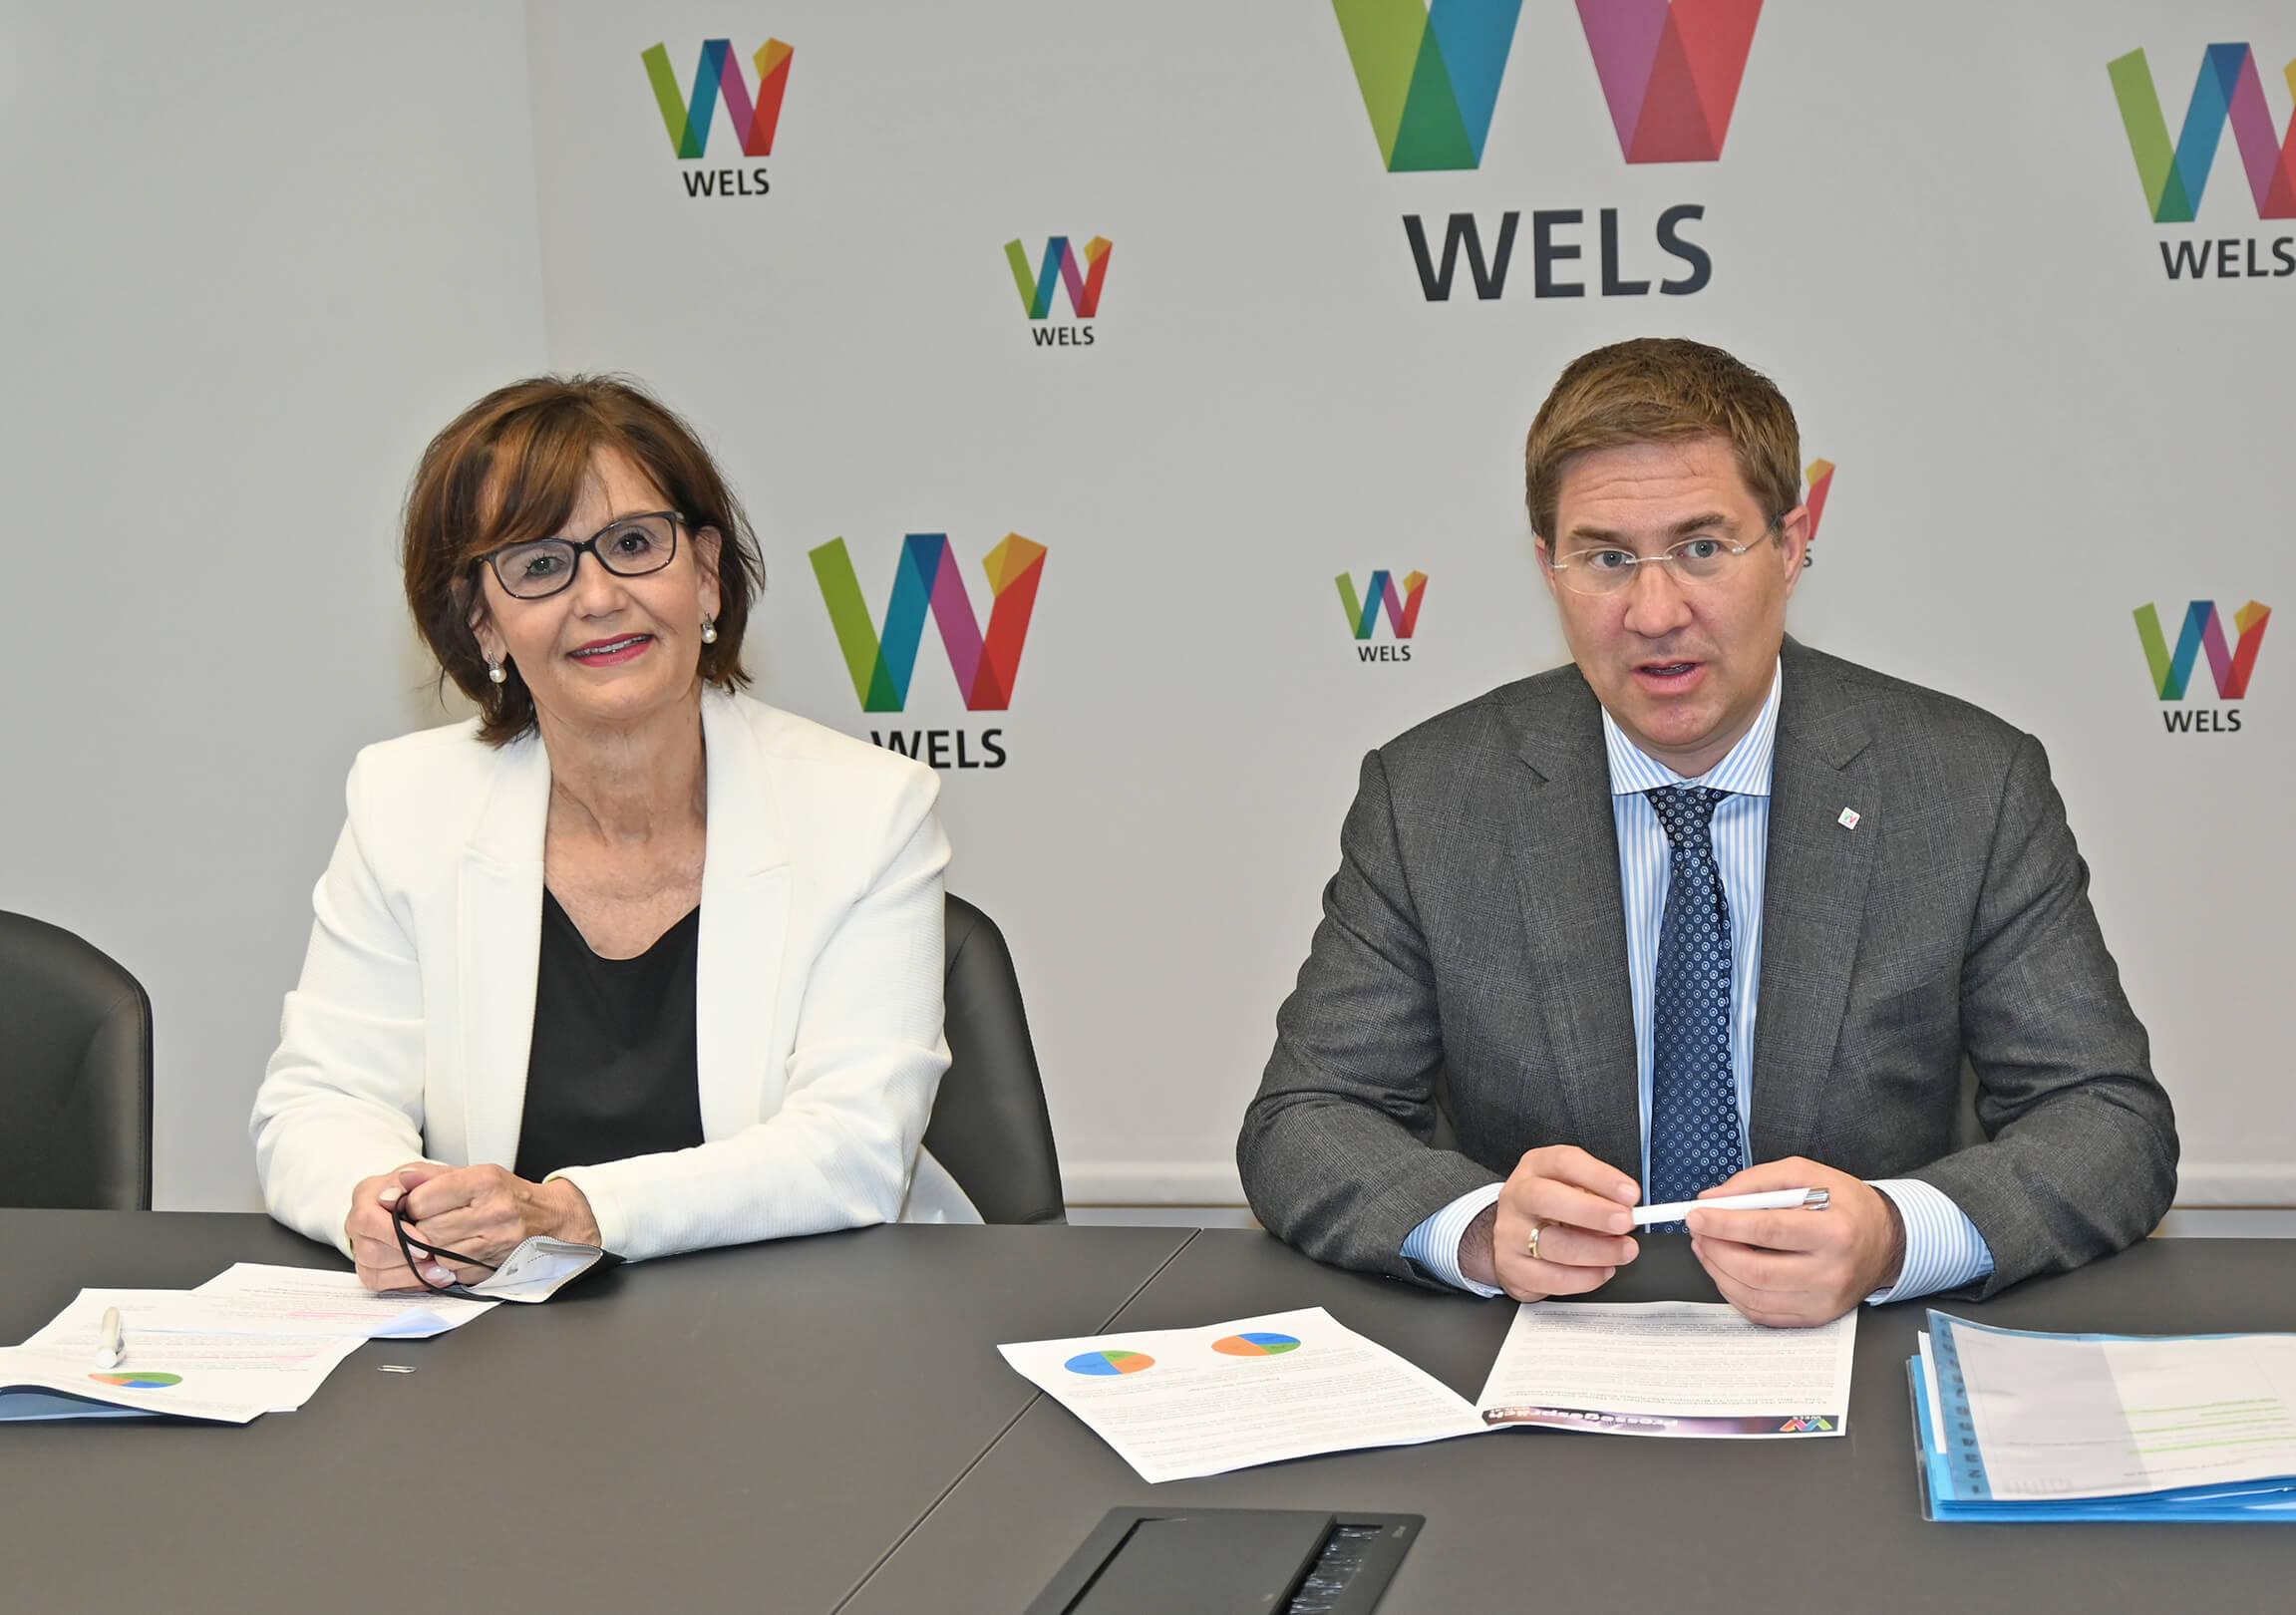 Der Bürgermeister und Stadträtin Josseck-Herdt bei der Pressekonferenz